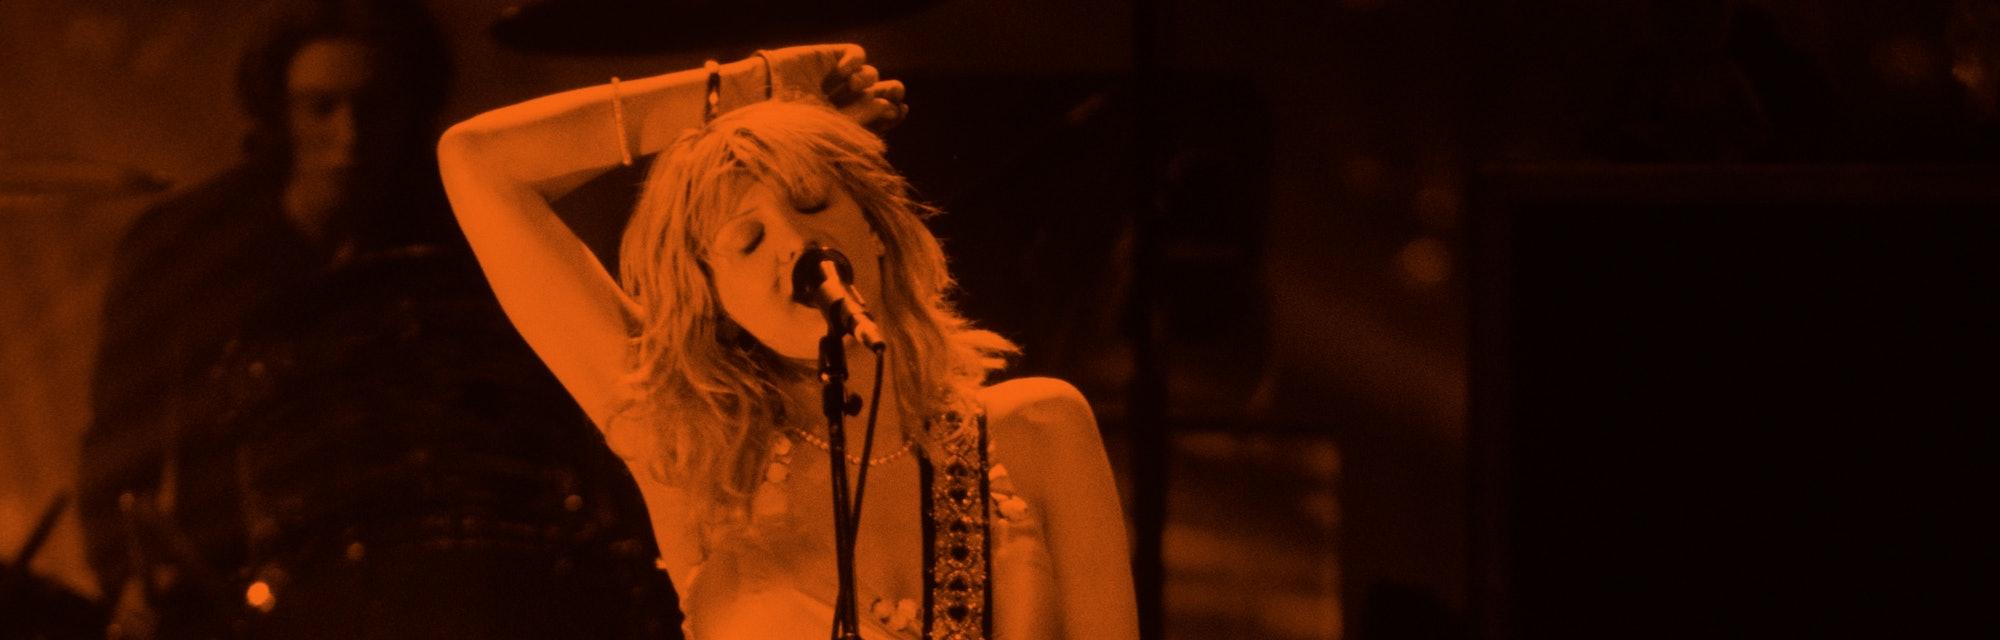 Courtney Love (Photo by Ke.Mazur/WireImage)